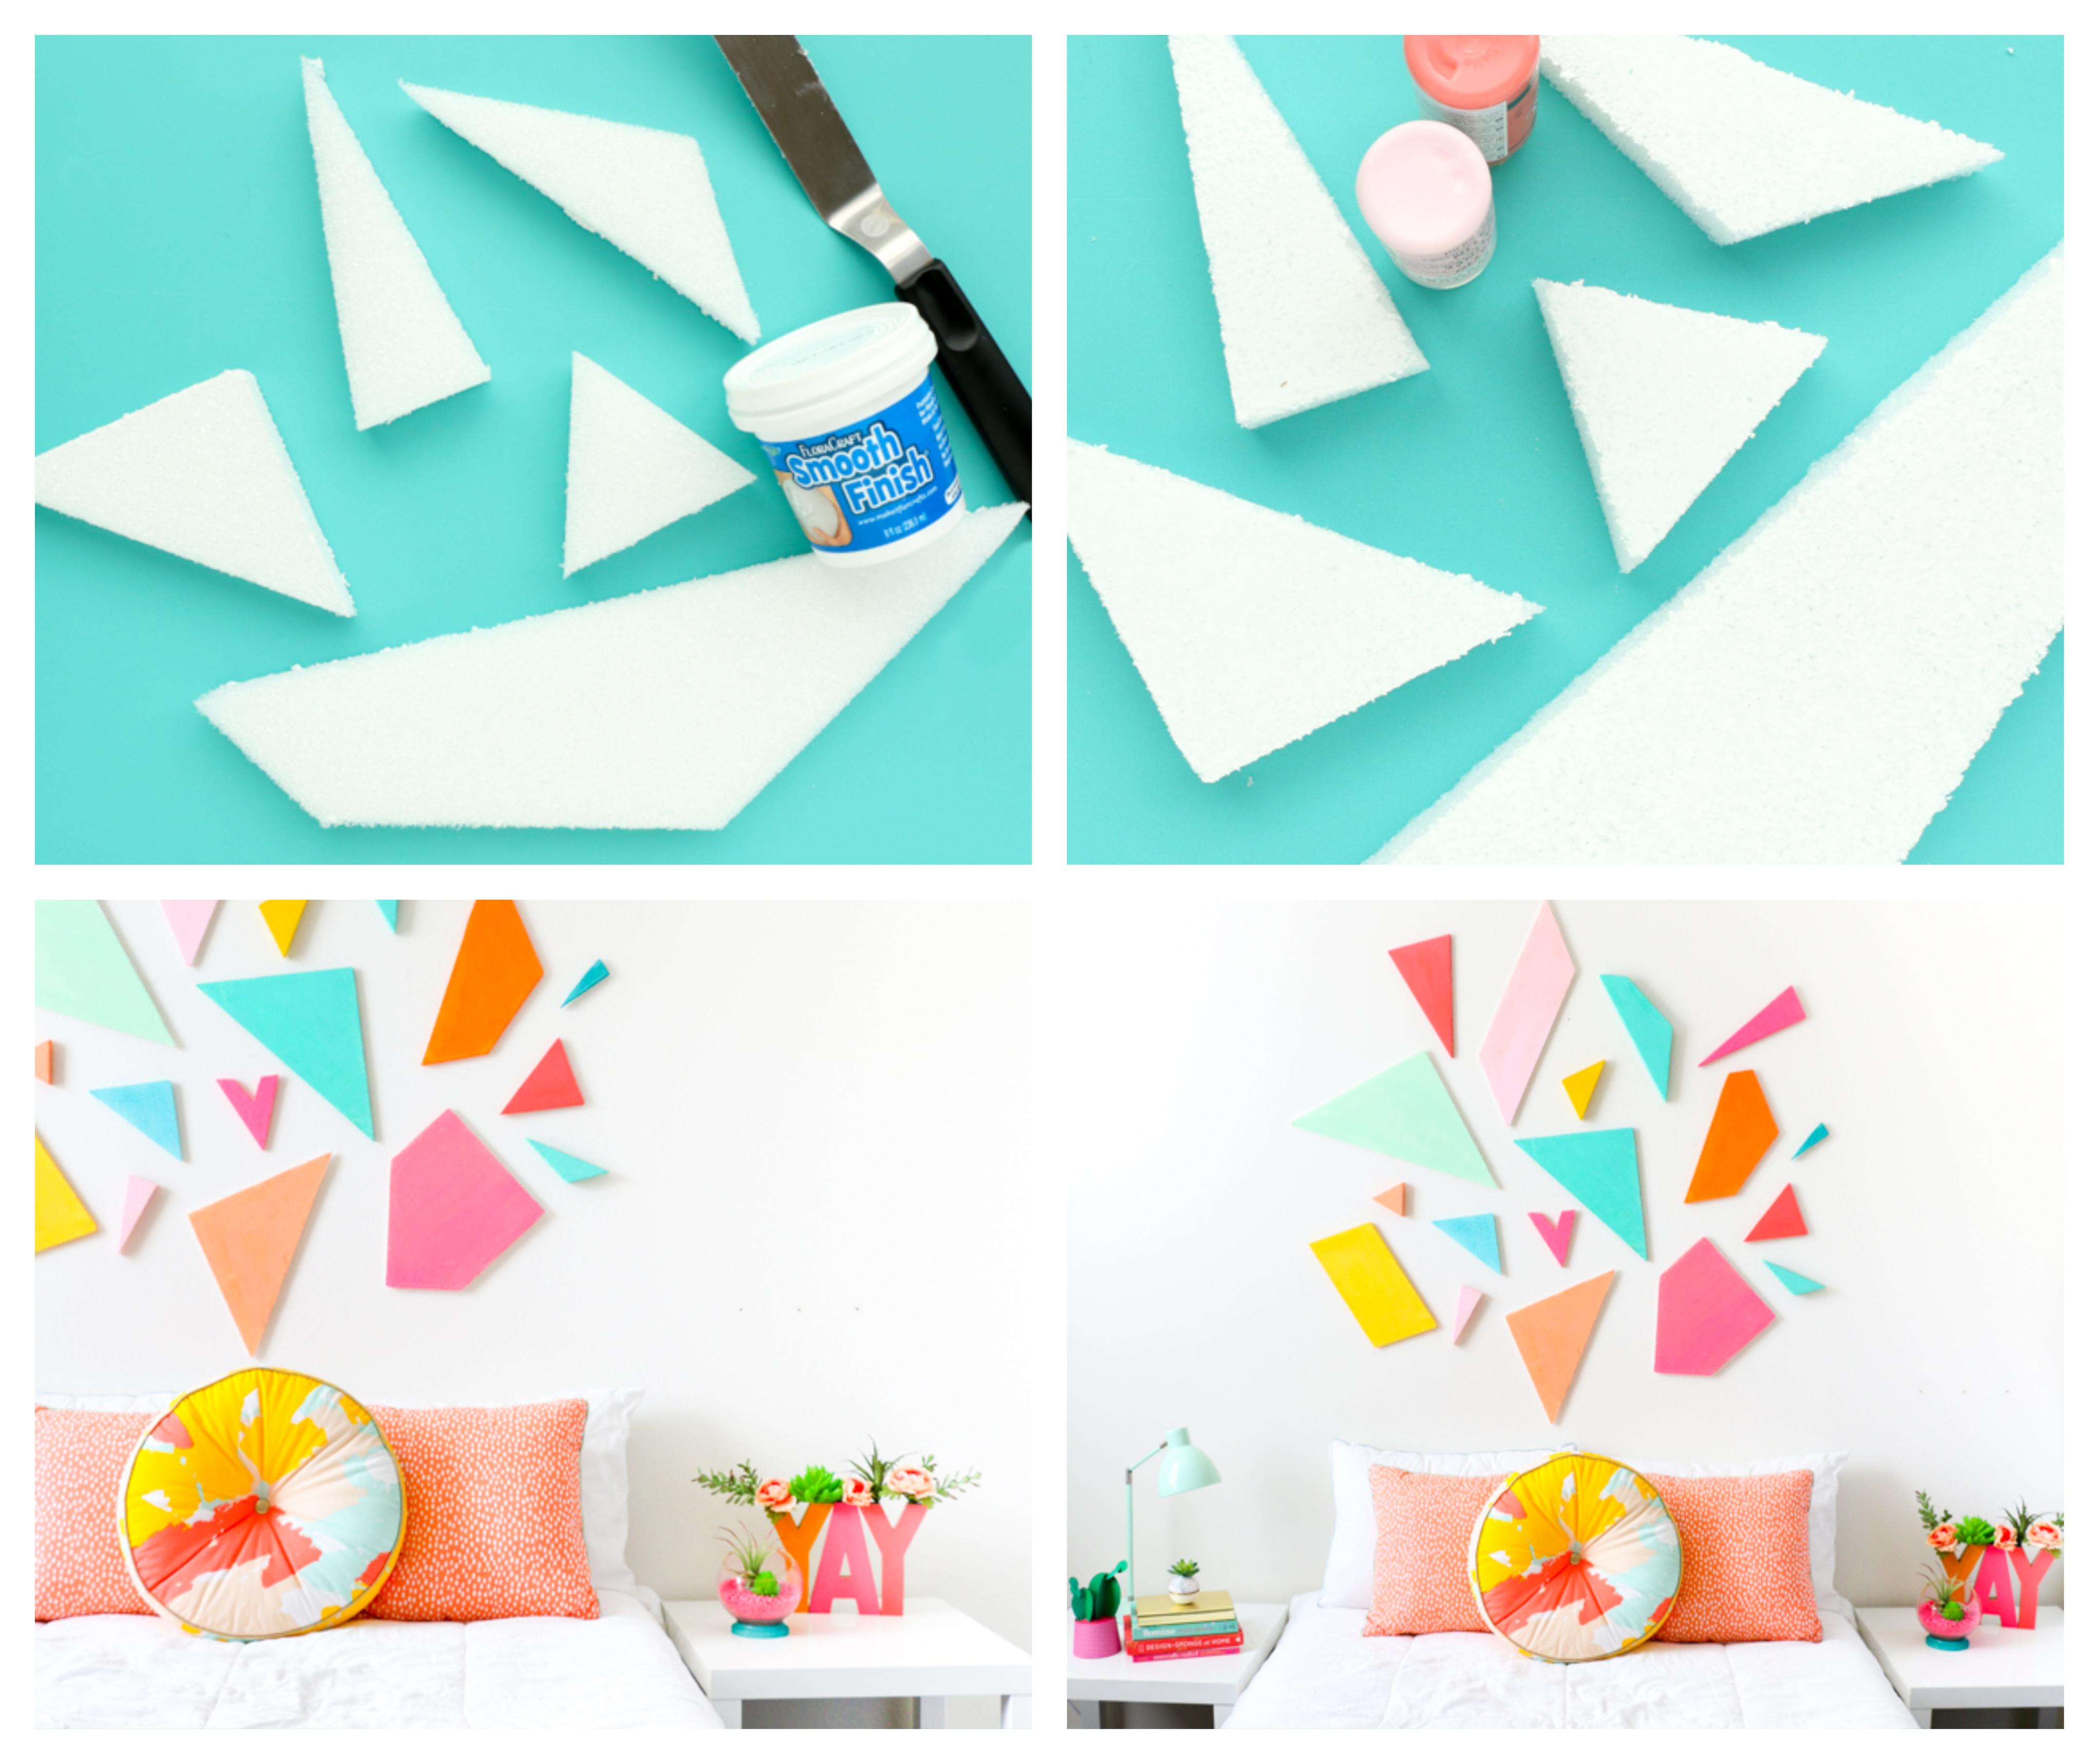 comment faire une tete de lit originale en polystyrène, figurines colorées, coussins coloré, linge de lit blanc